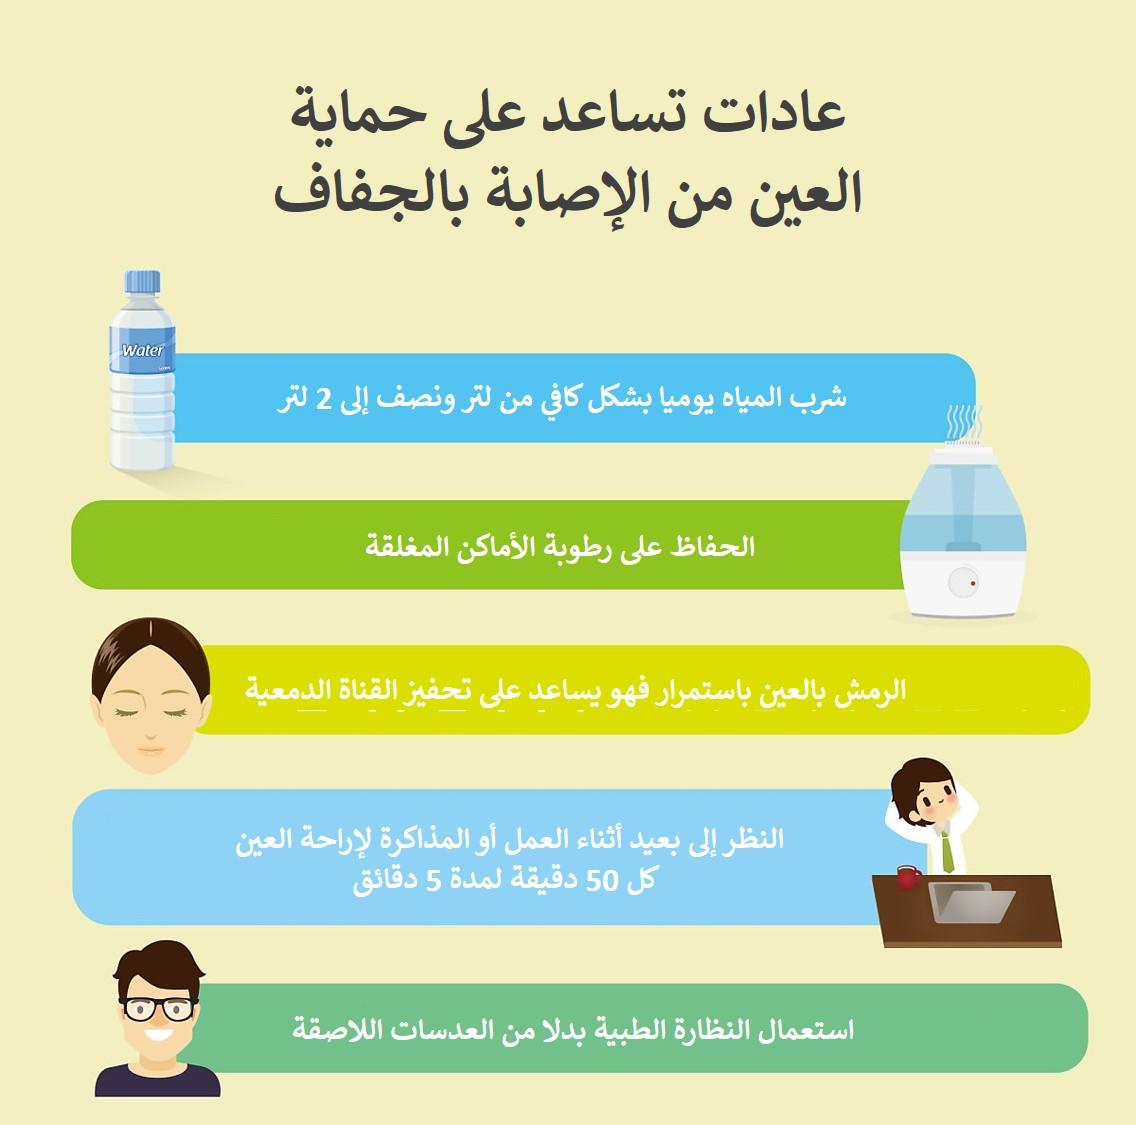 عادات تساعد على حماية العين من الإصابة بالجفاف